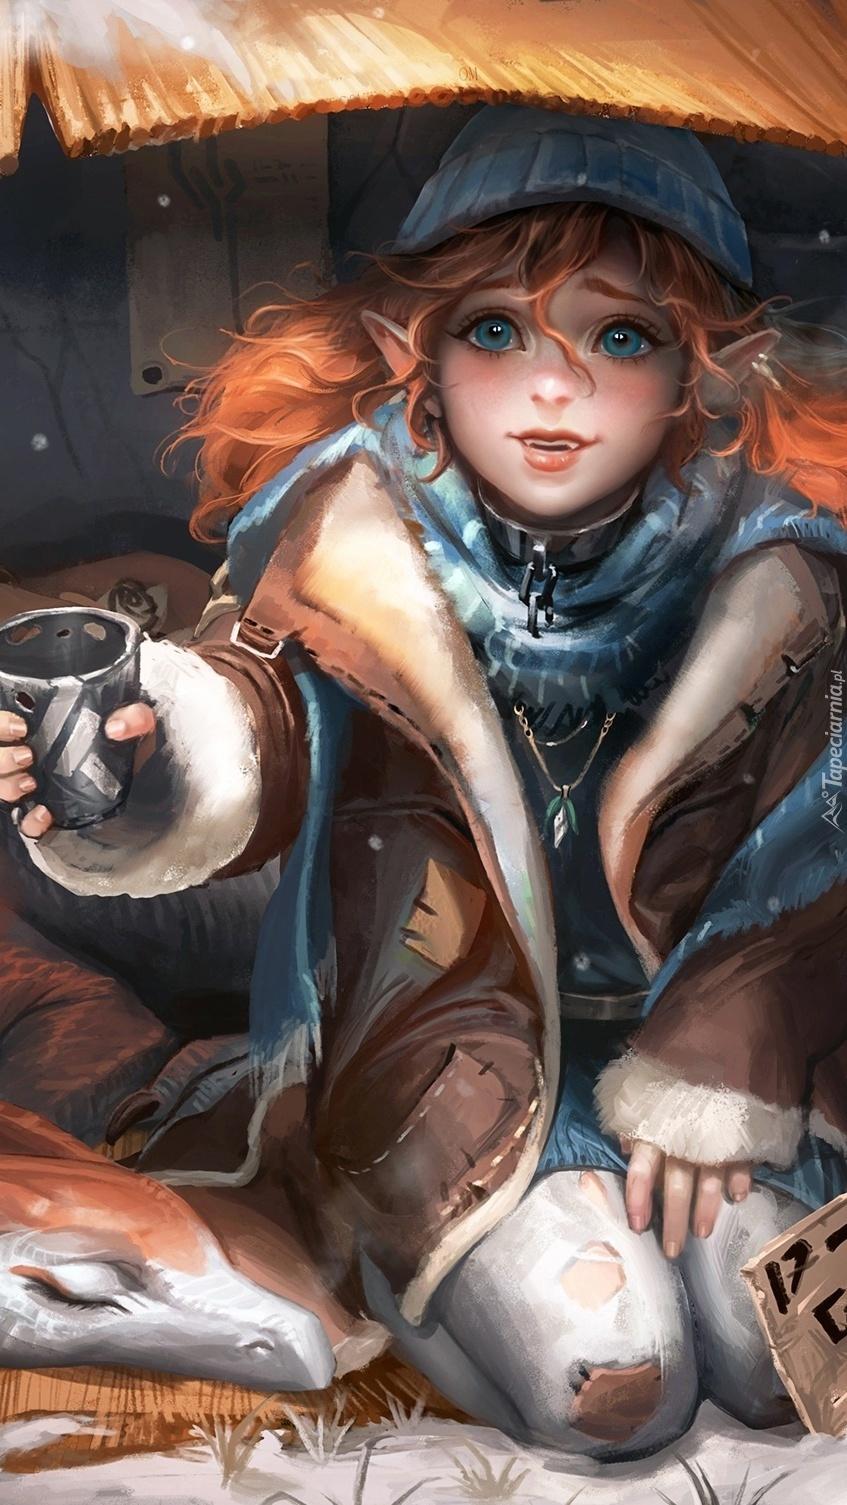 Dziewczyna z kubkiem w dłoni